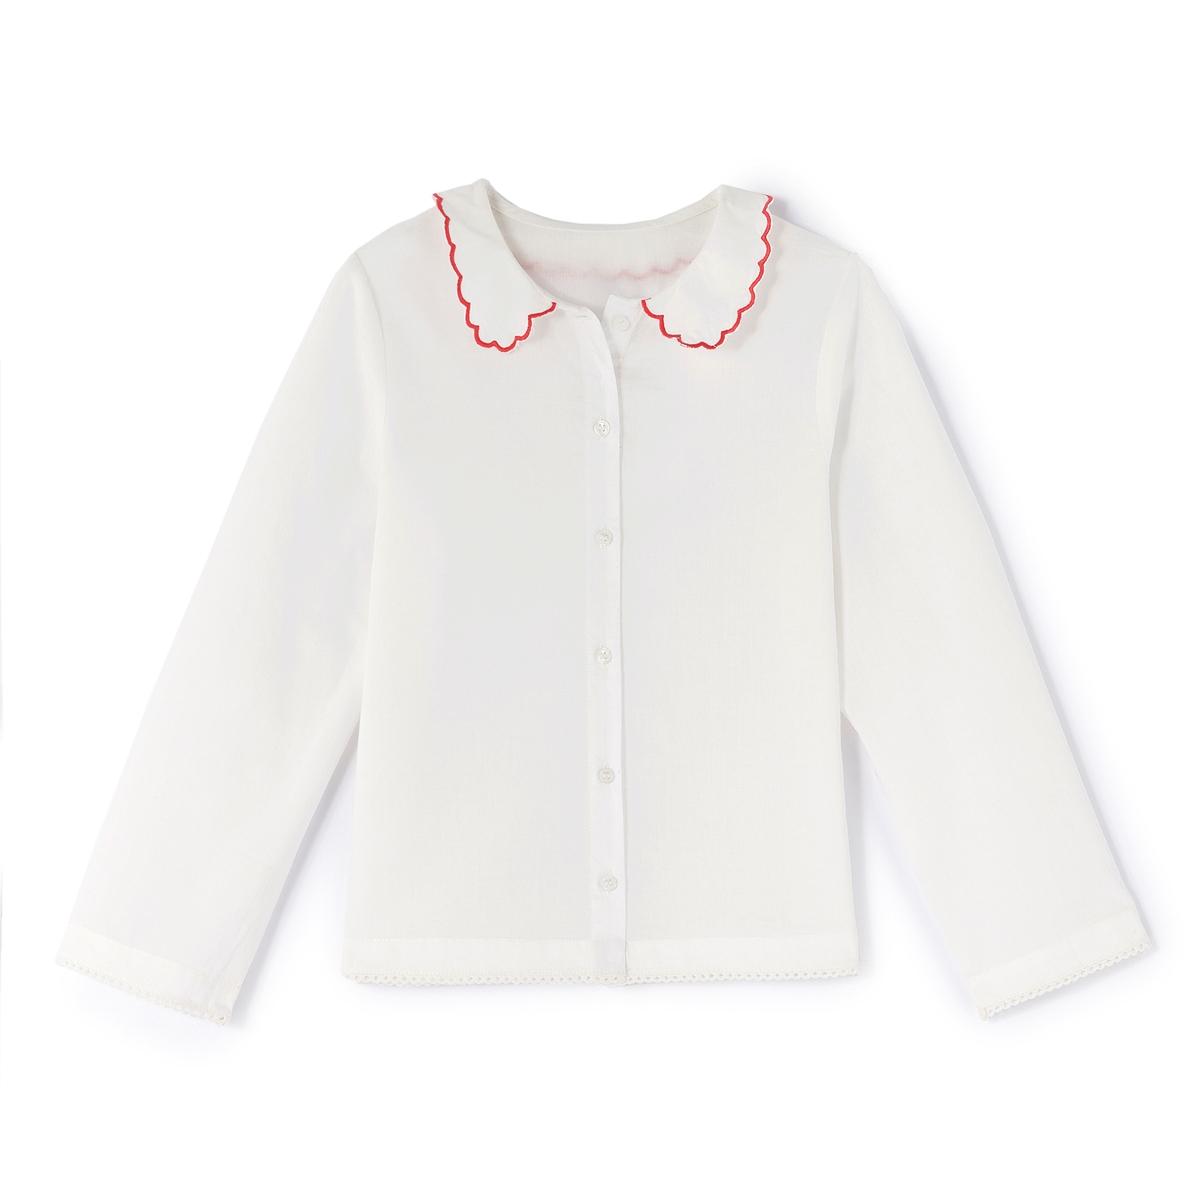 Блузка с закругленным отложным воротником, 3-12 лет от La Redoute Collections